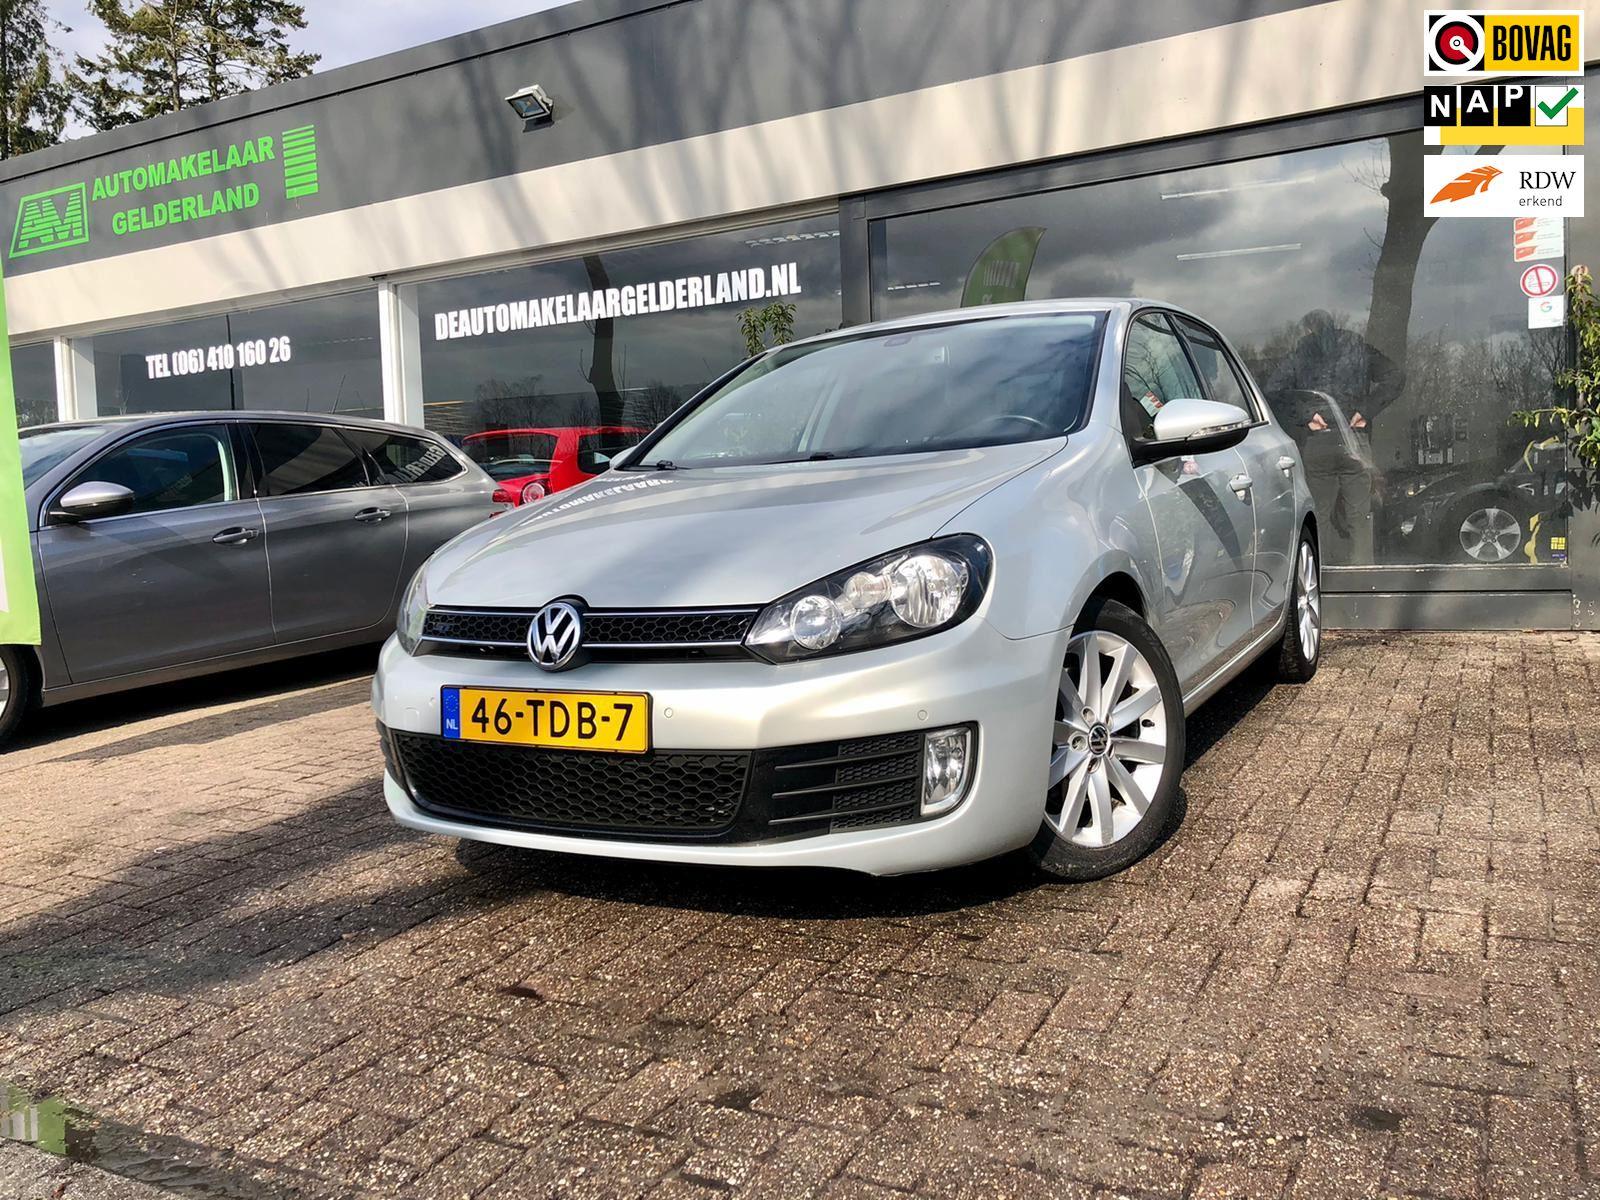 Volkswagen Golf occasion - De Automakelaar Gelderland